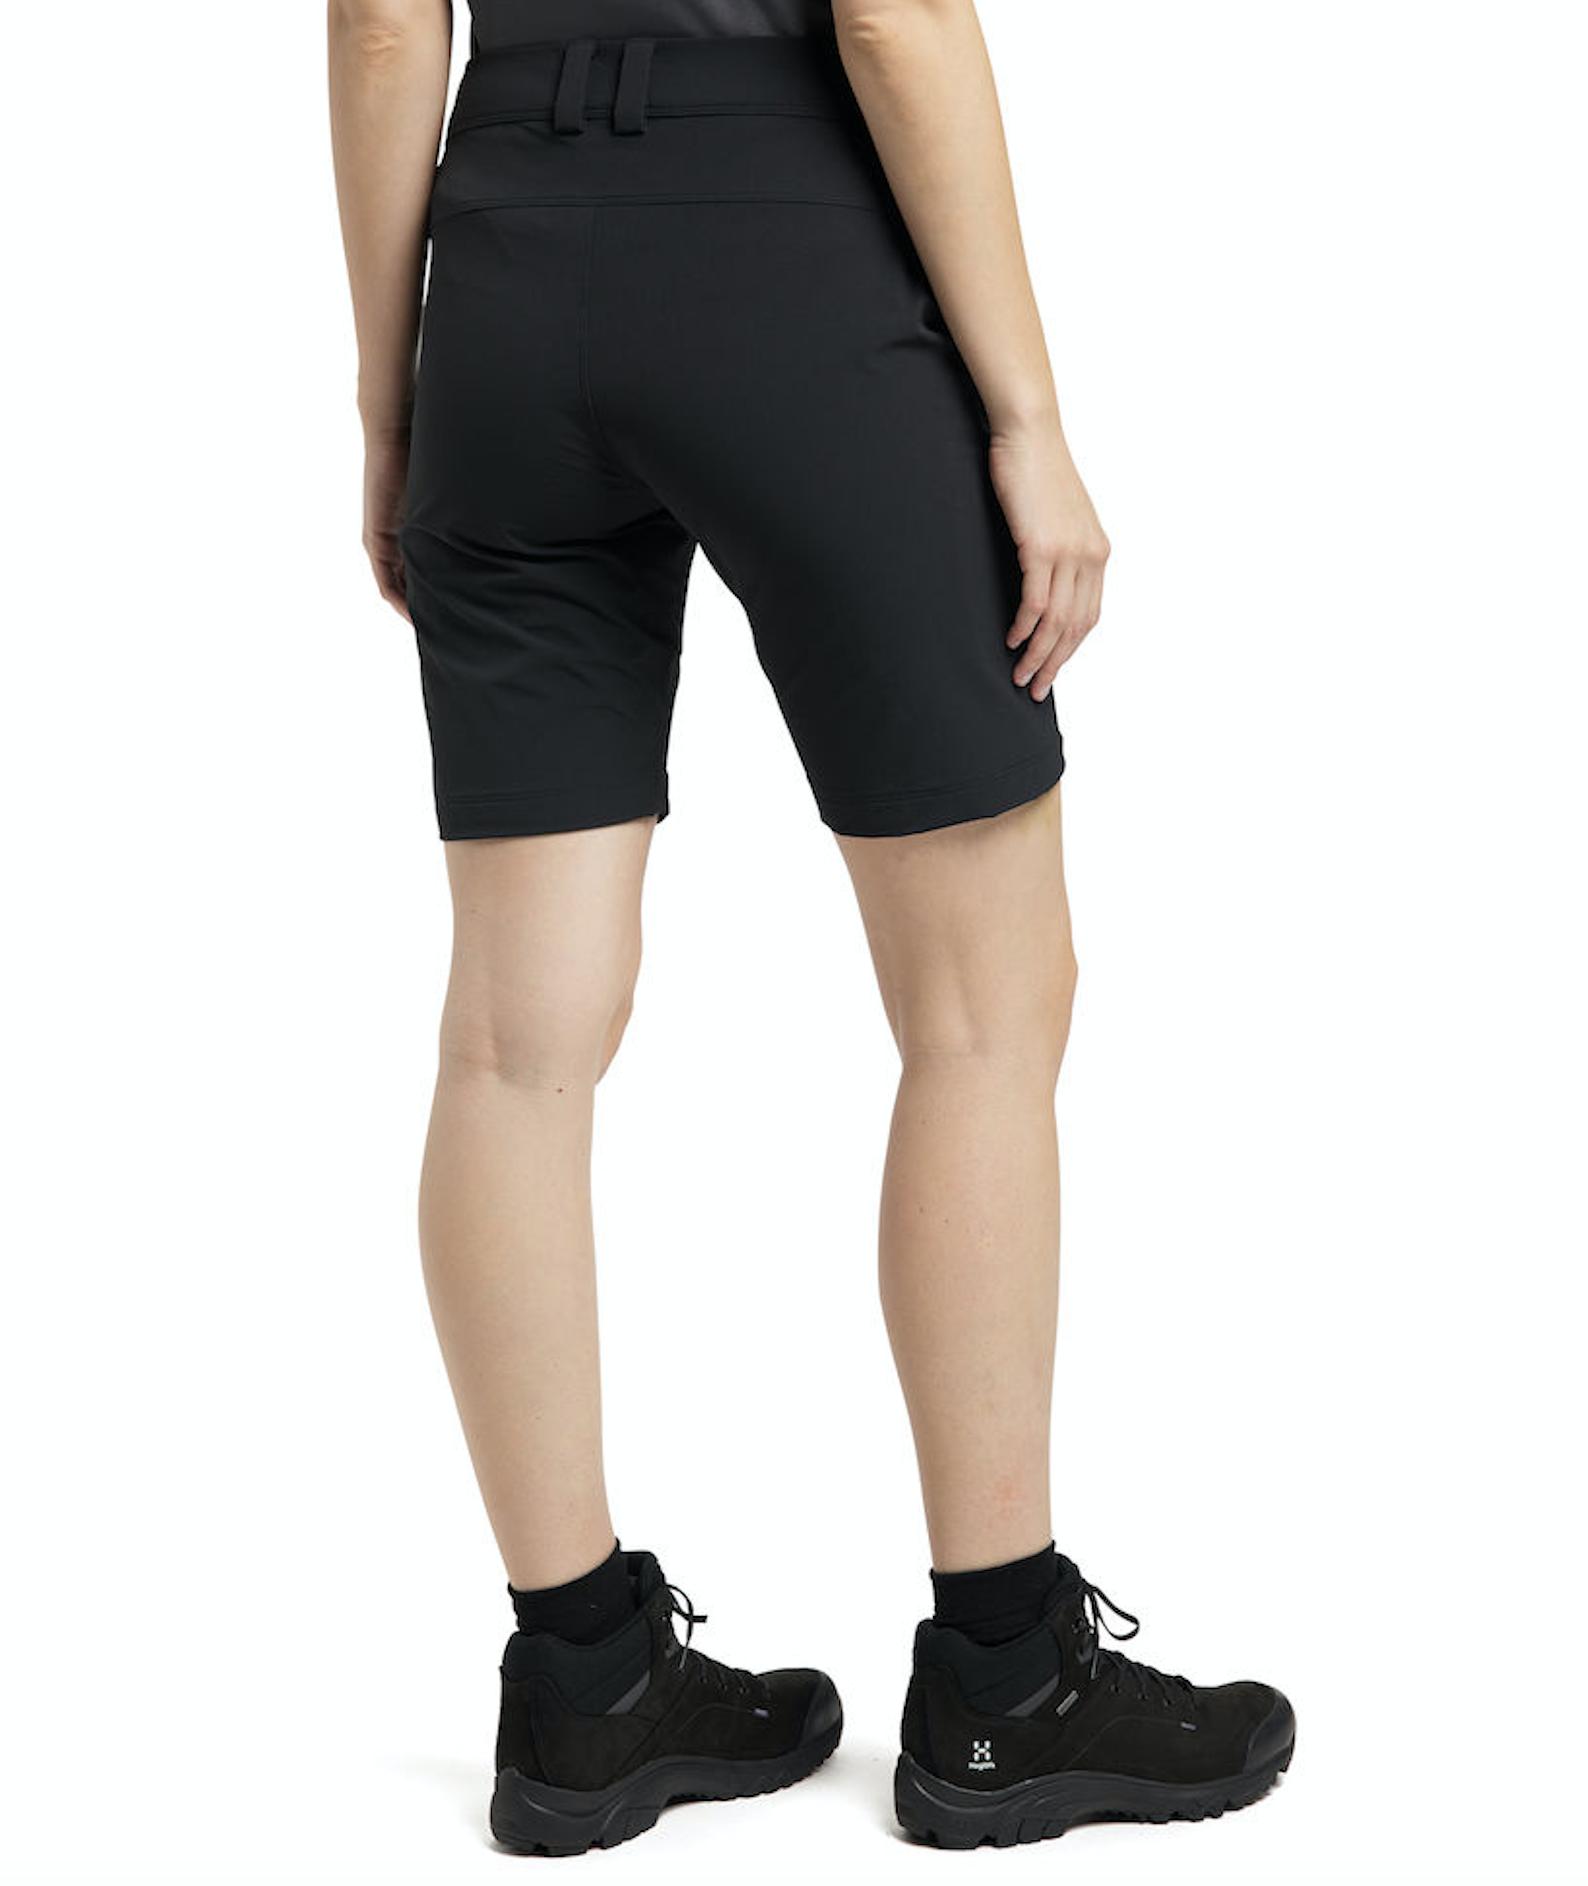 Bilde av Haglöfs  Morän Shorts Women 2C5 True Black